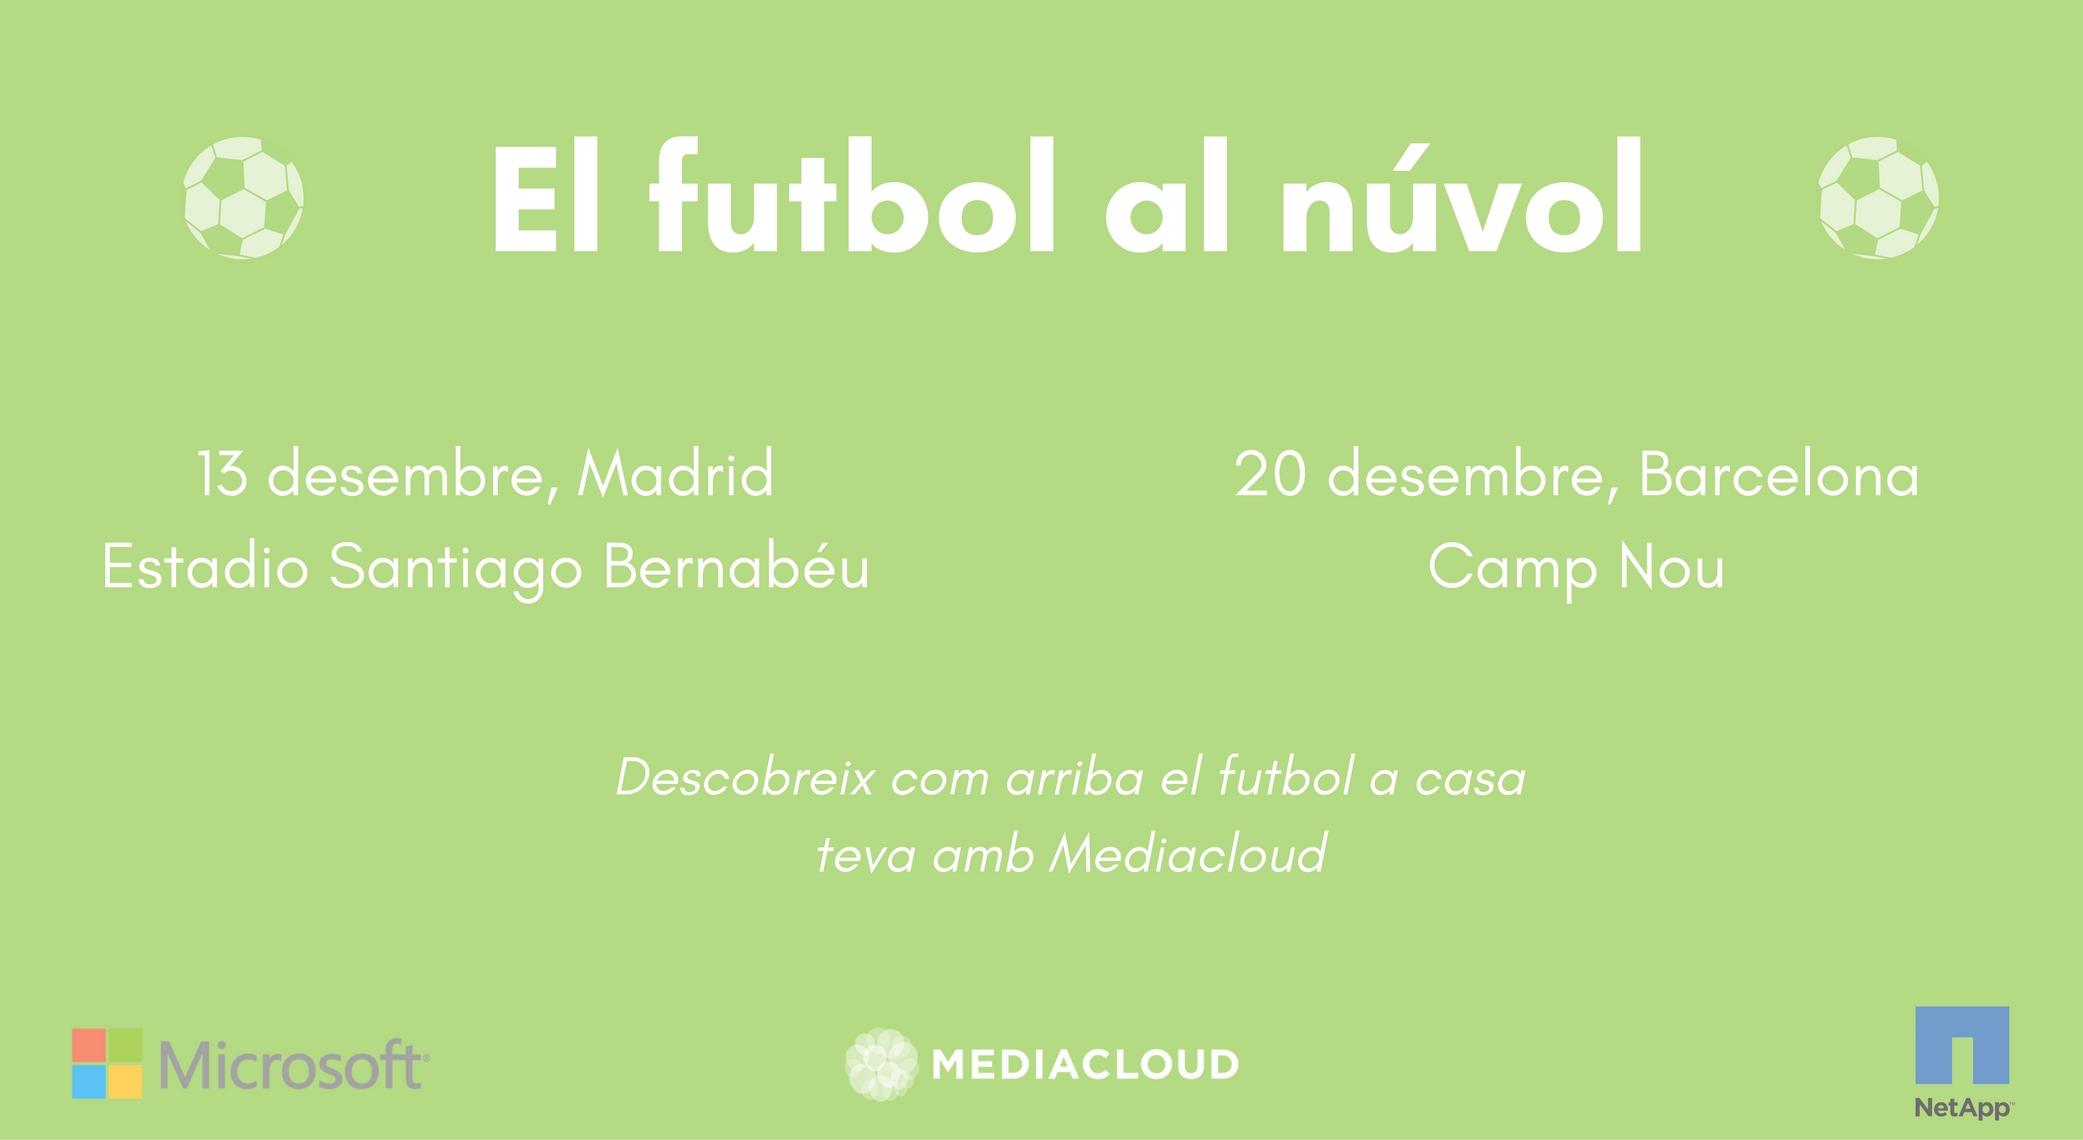 El futbol al núvol